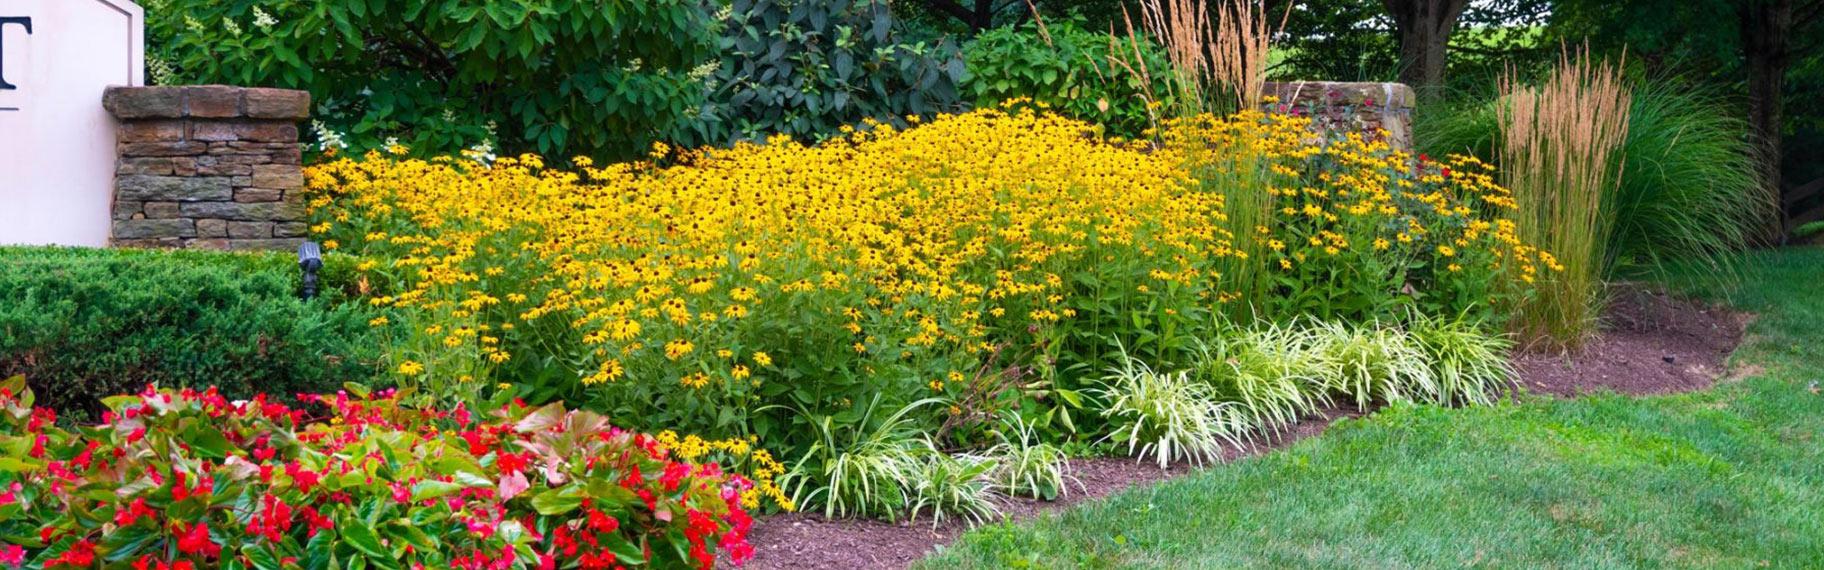 HOA Landscaping in Clarksville, Howard County, Glenelg, Glenwood